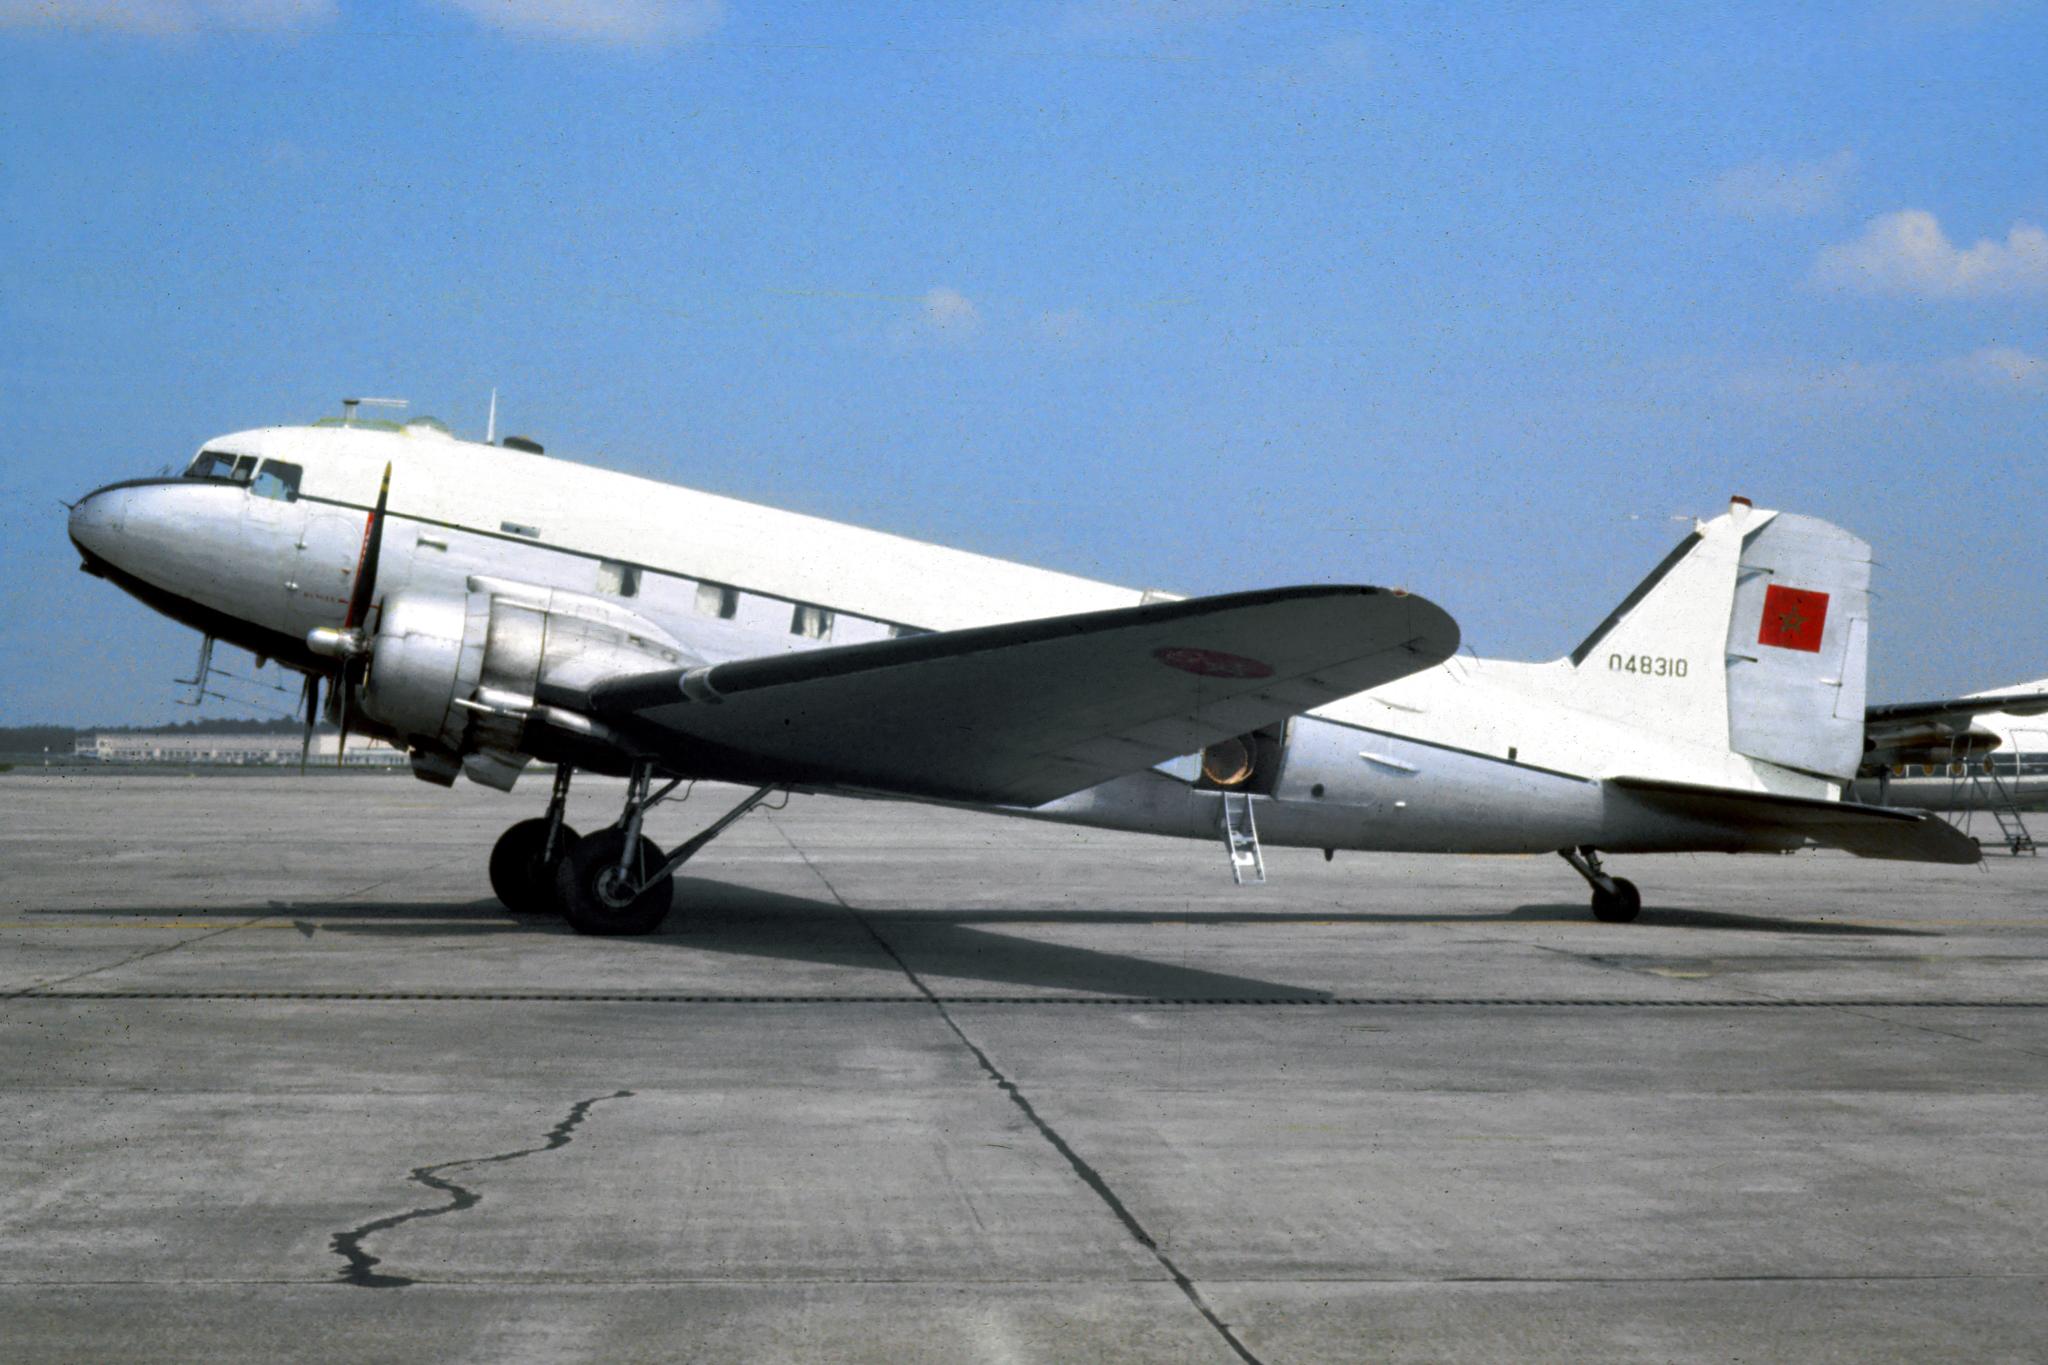 FRA: Photos anciens avions des FRA - Page 13 48835647337_5d1430e316_o